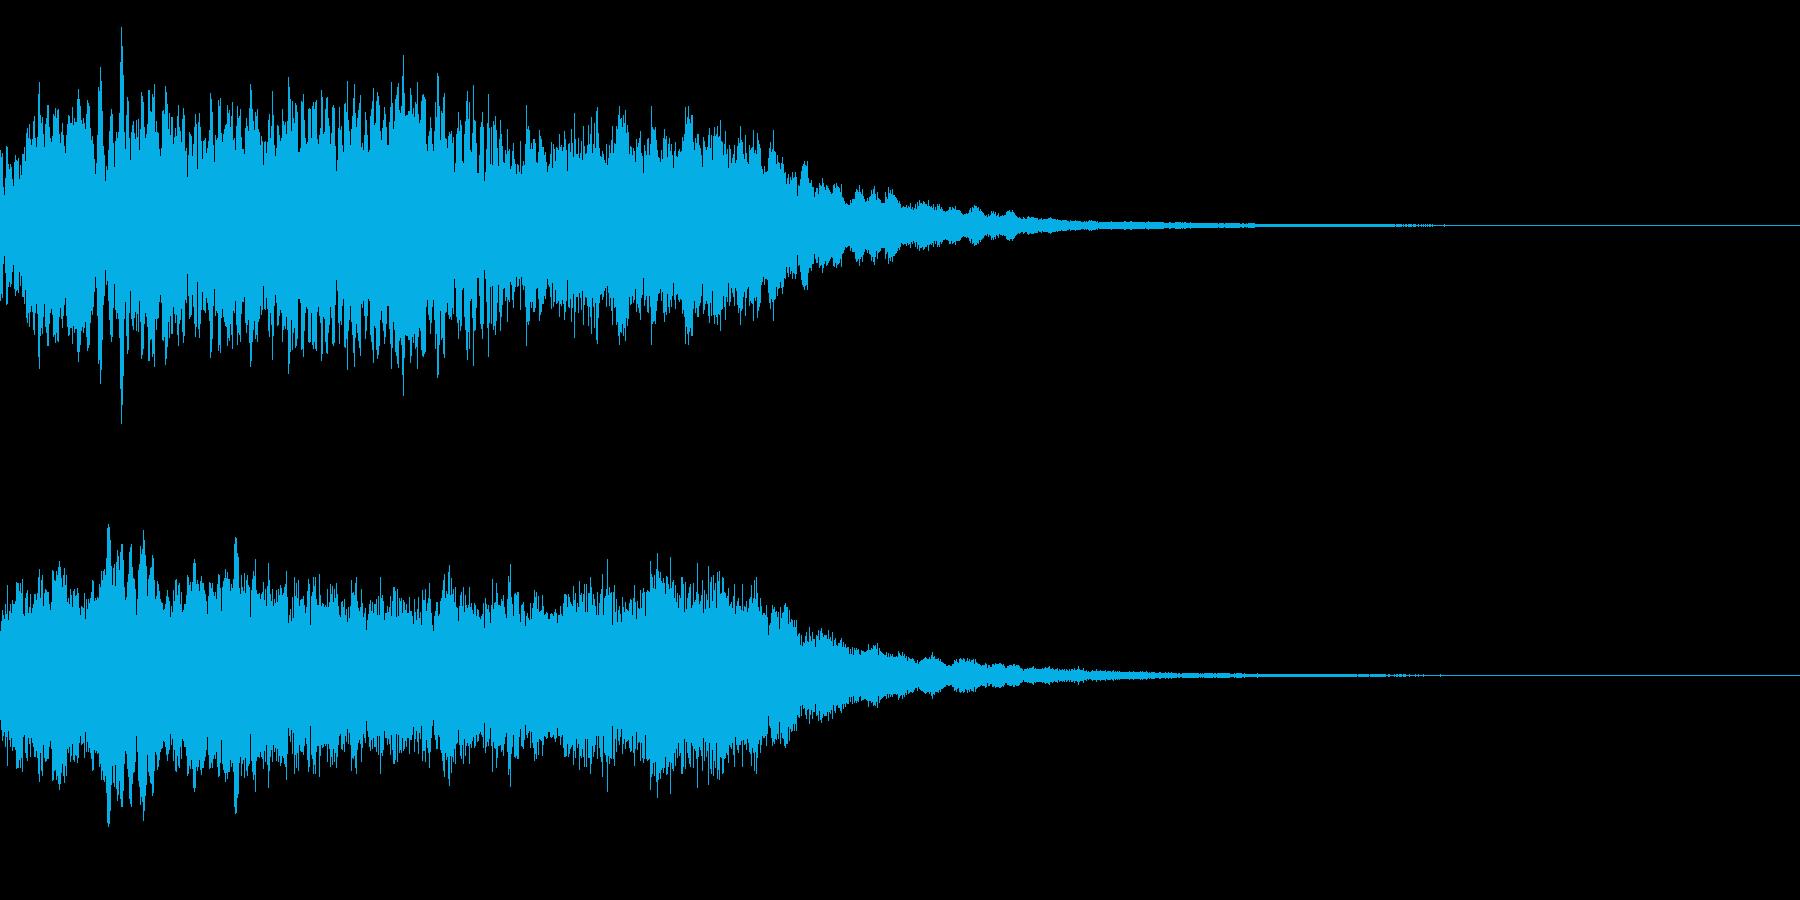 神社 結婚式の笛(笙)和風フレーズ!02の再生済みの波形